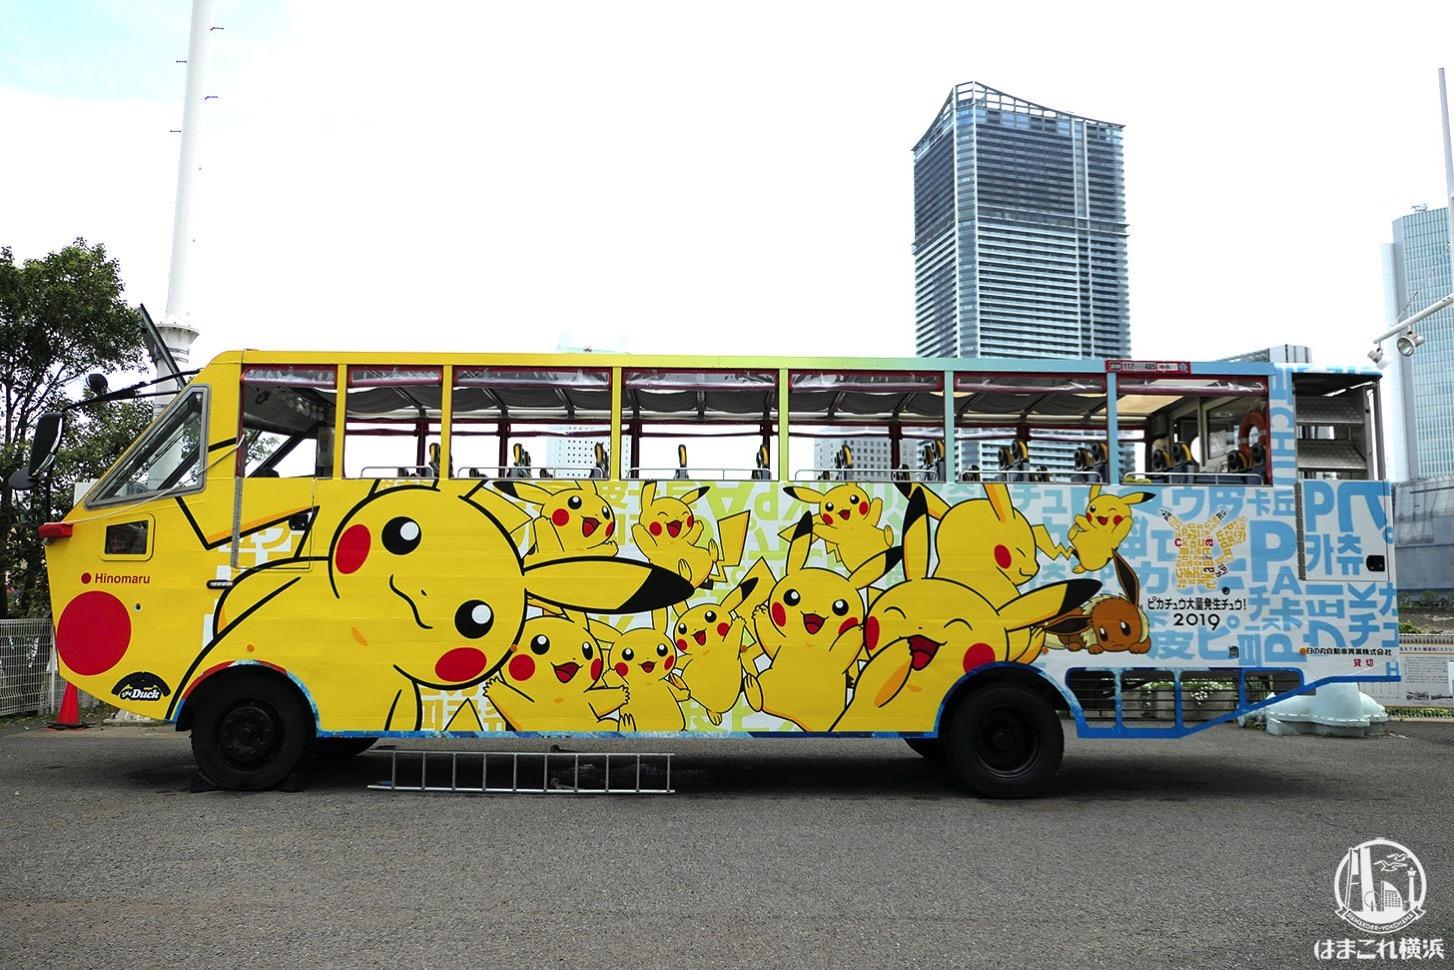 水陸両用バス「スカイダック」ピカチュウラッピング側面